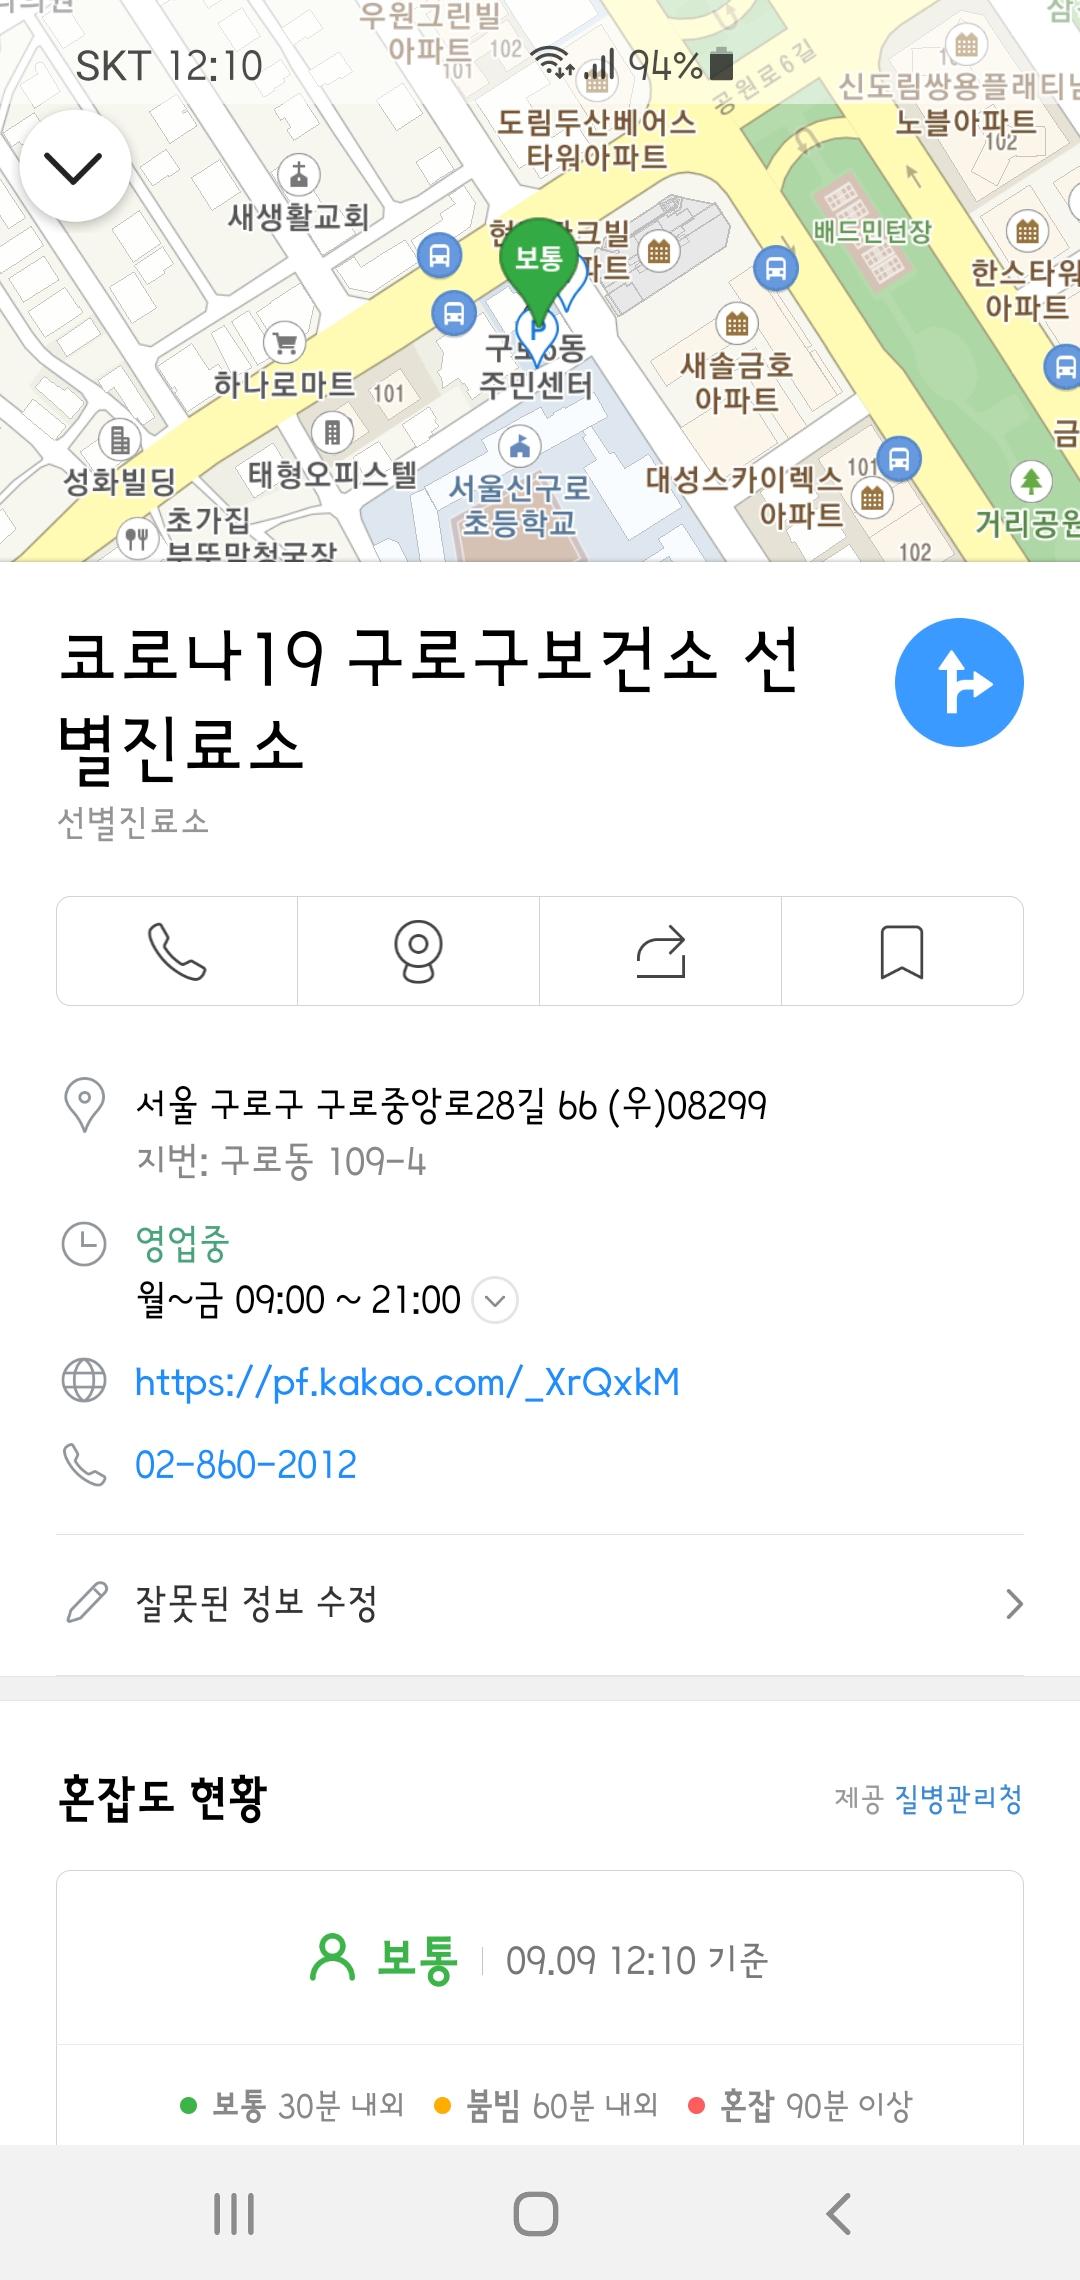 카카오맵, 선별진료소 혼잡도 확인